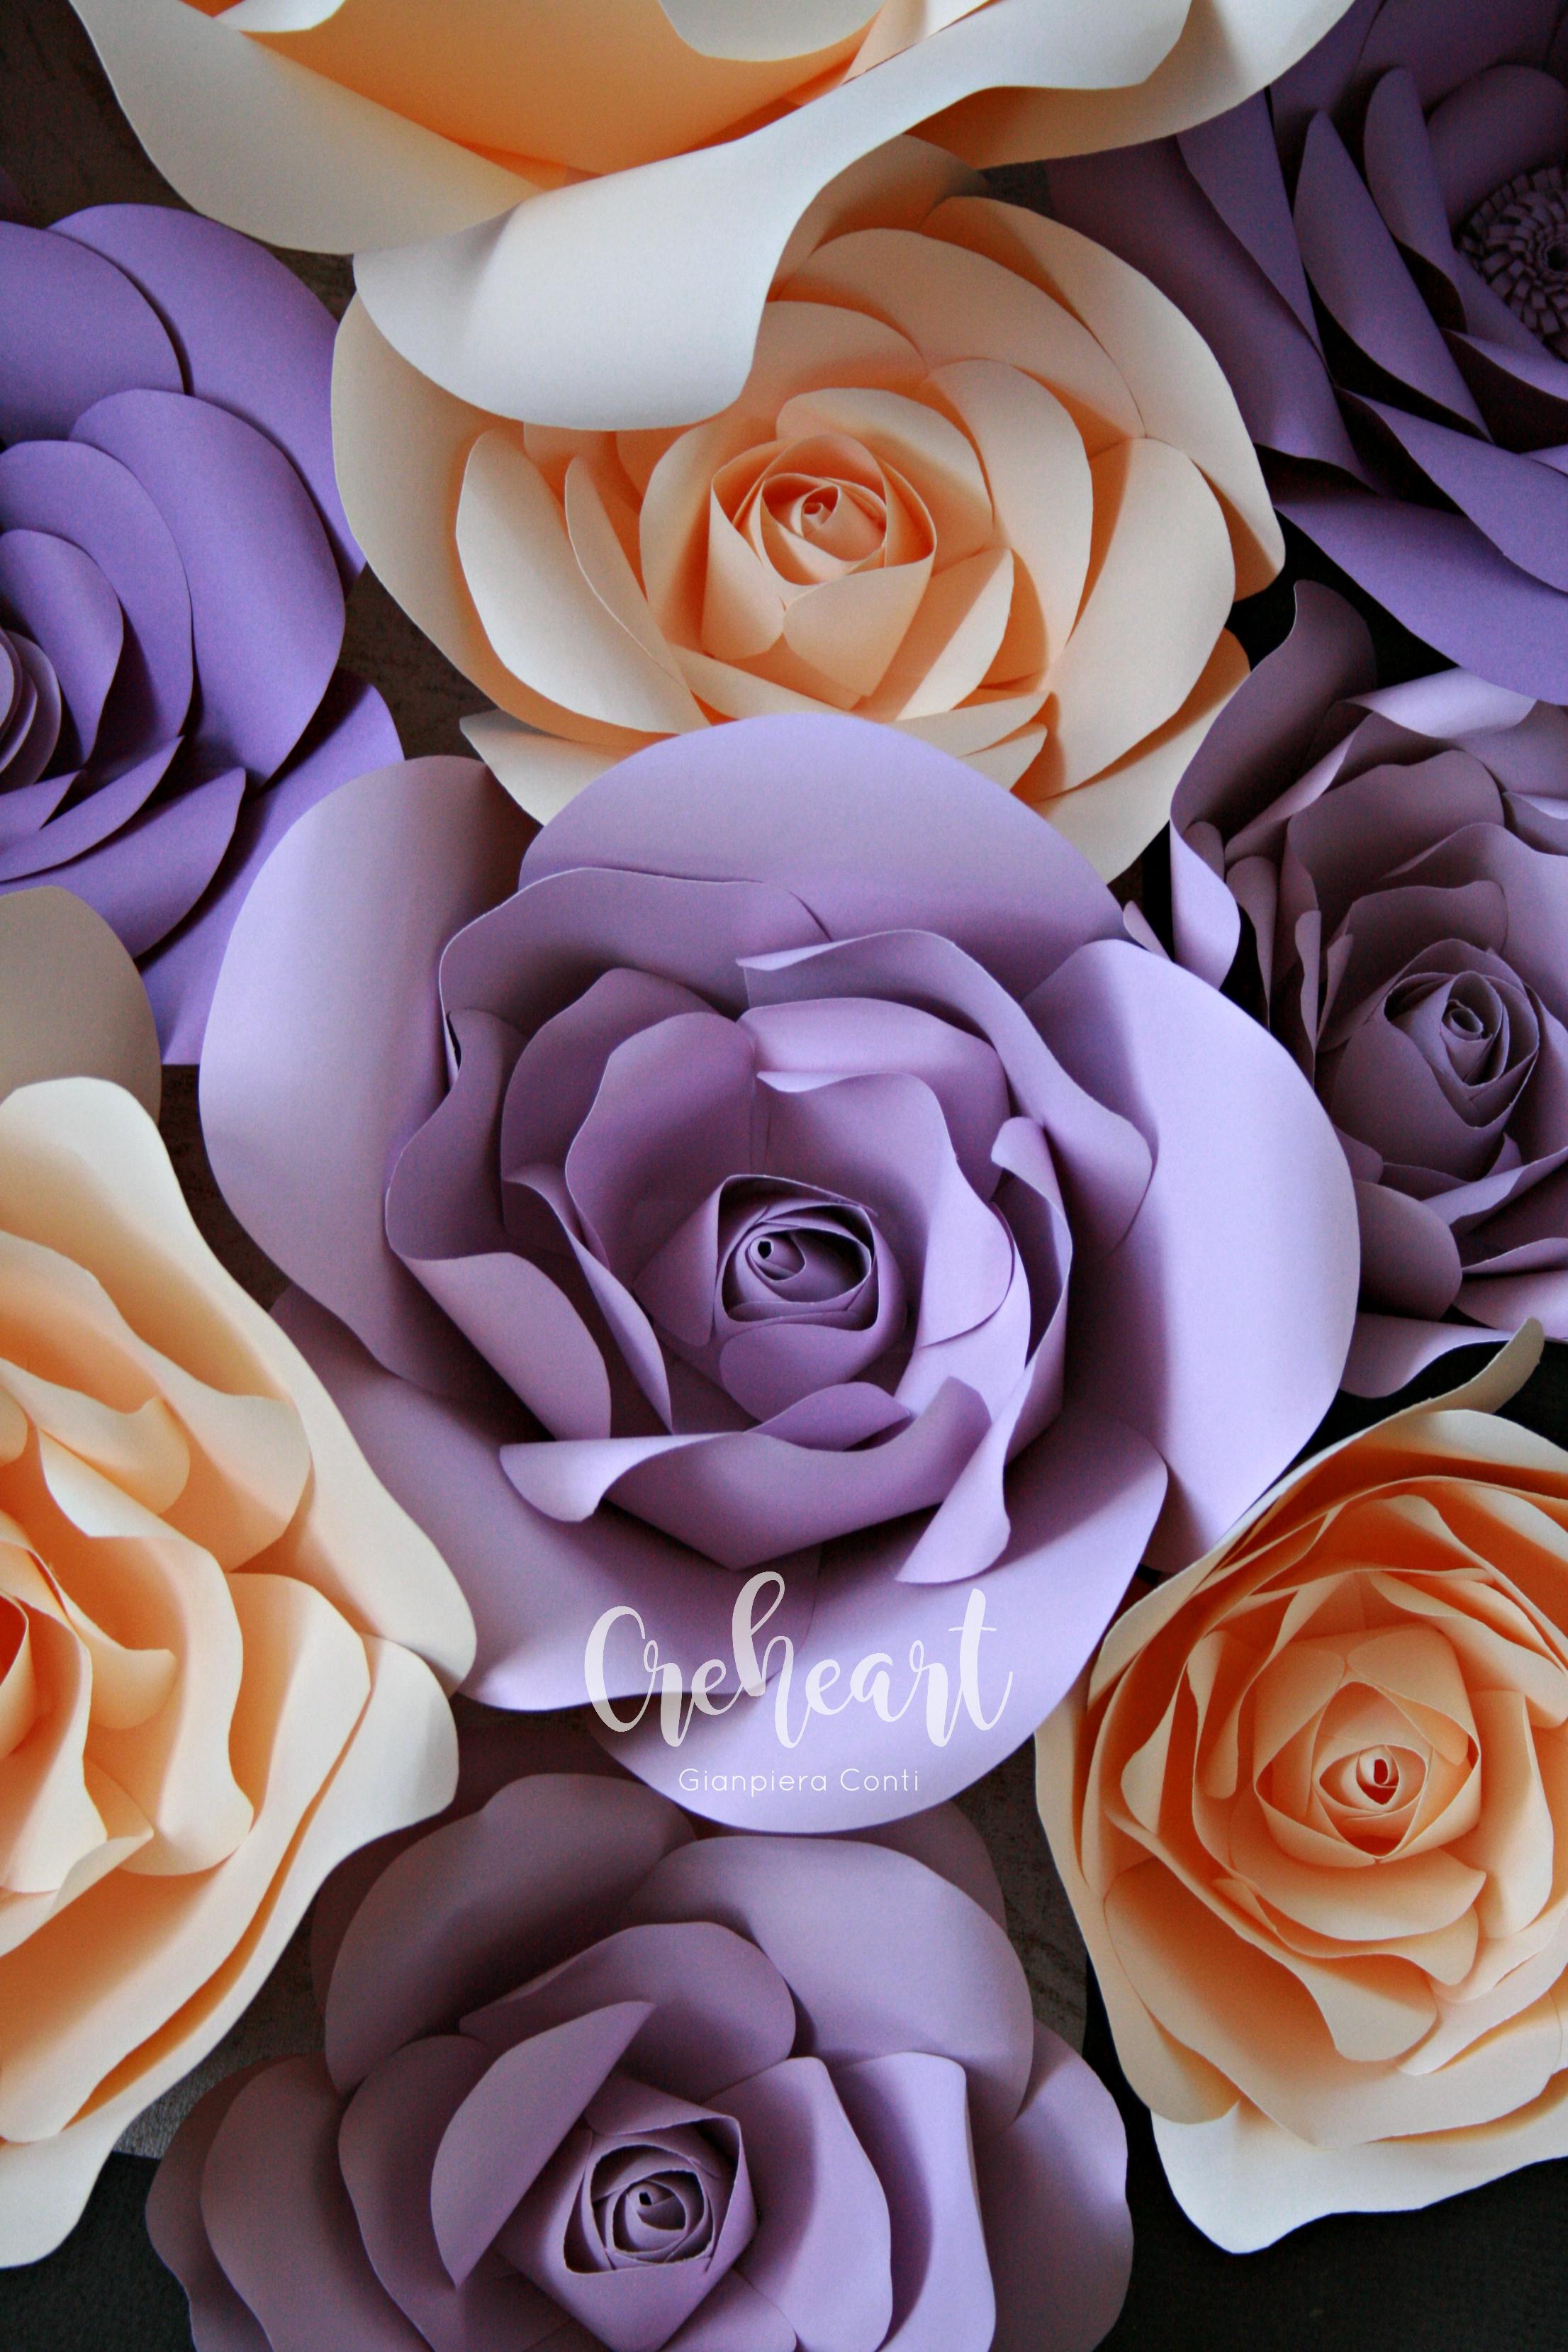 Mix Flower Creheart.jpg